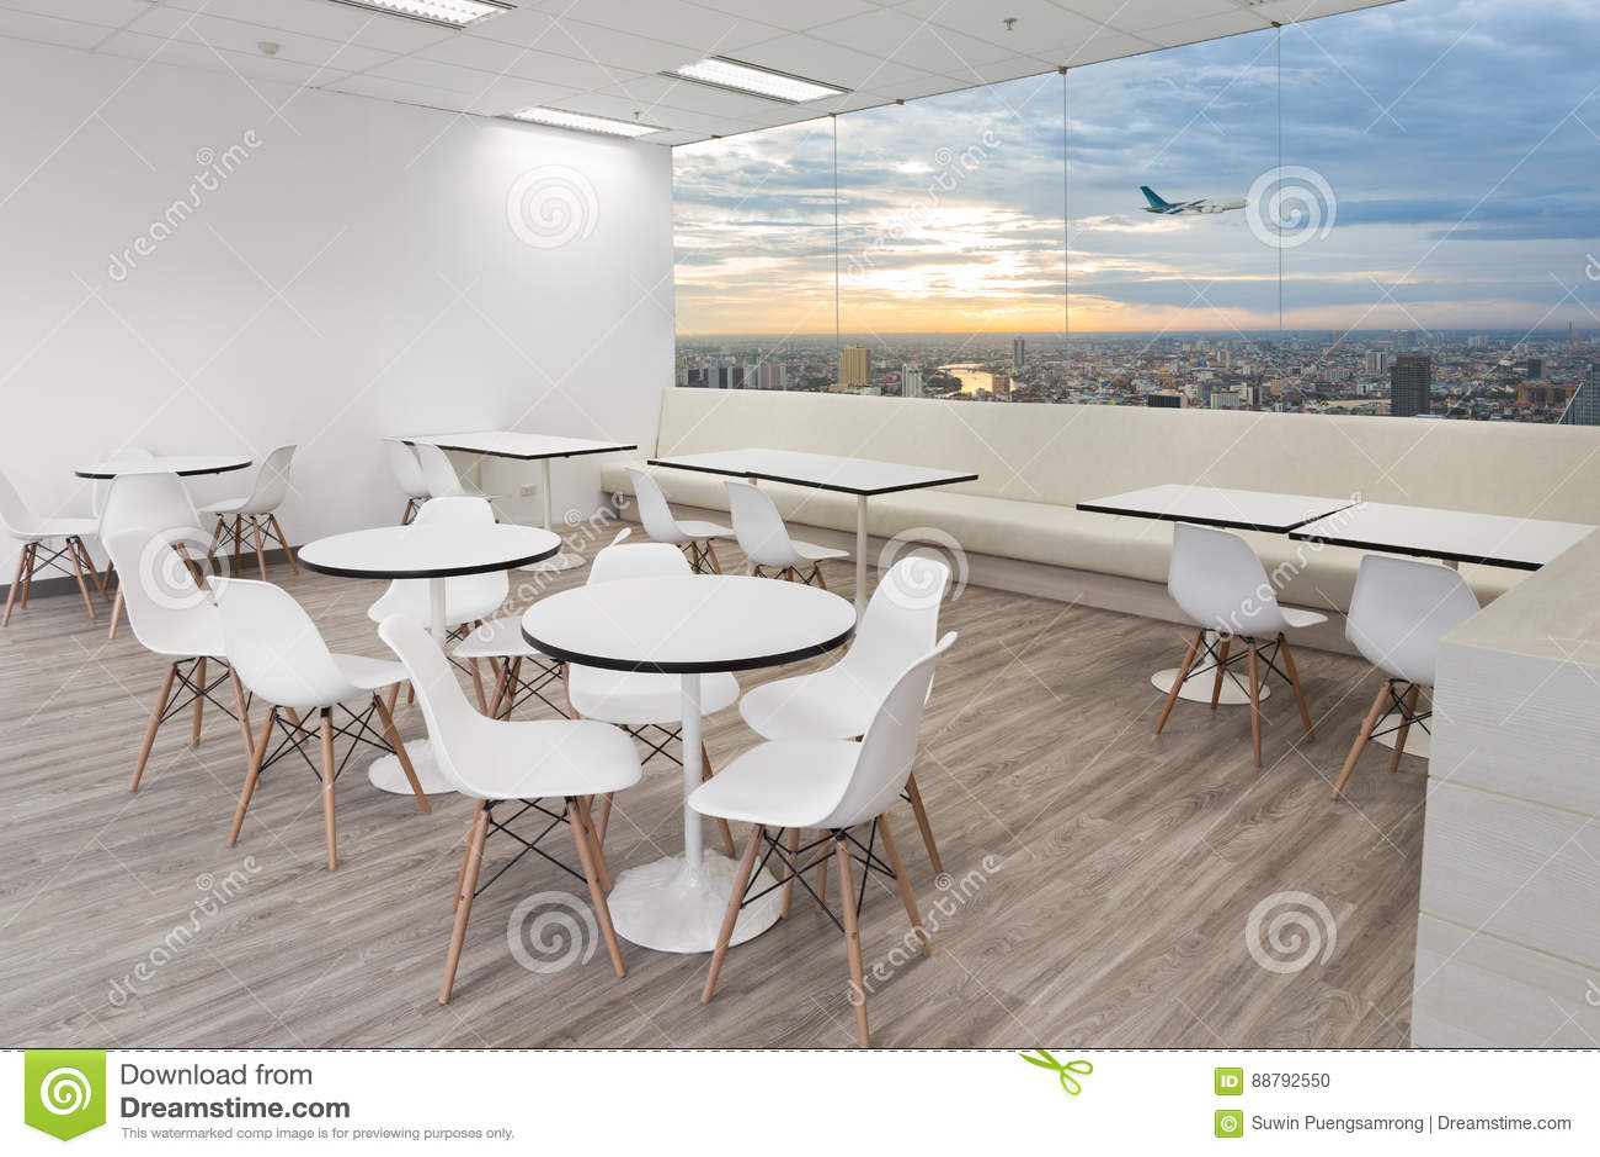 https://thumbs.dreamstime.com/z/witte-houten-stoelen-eetkamer-van-modern-bureau-met-vensters-88792550.jpg